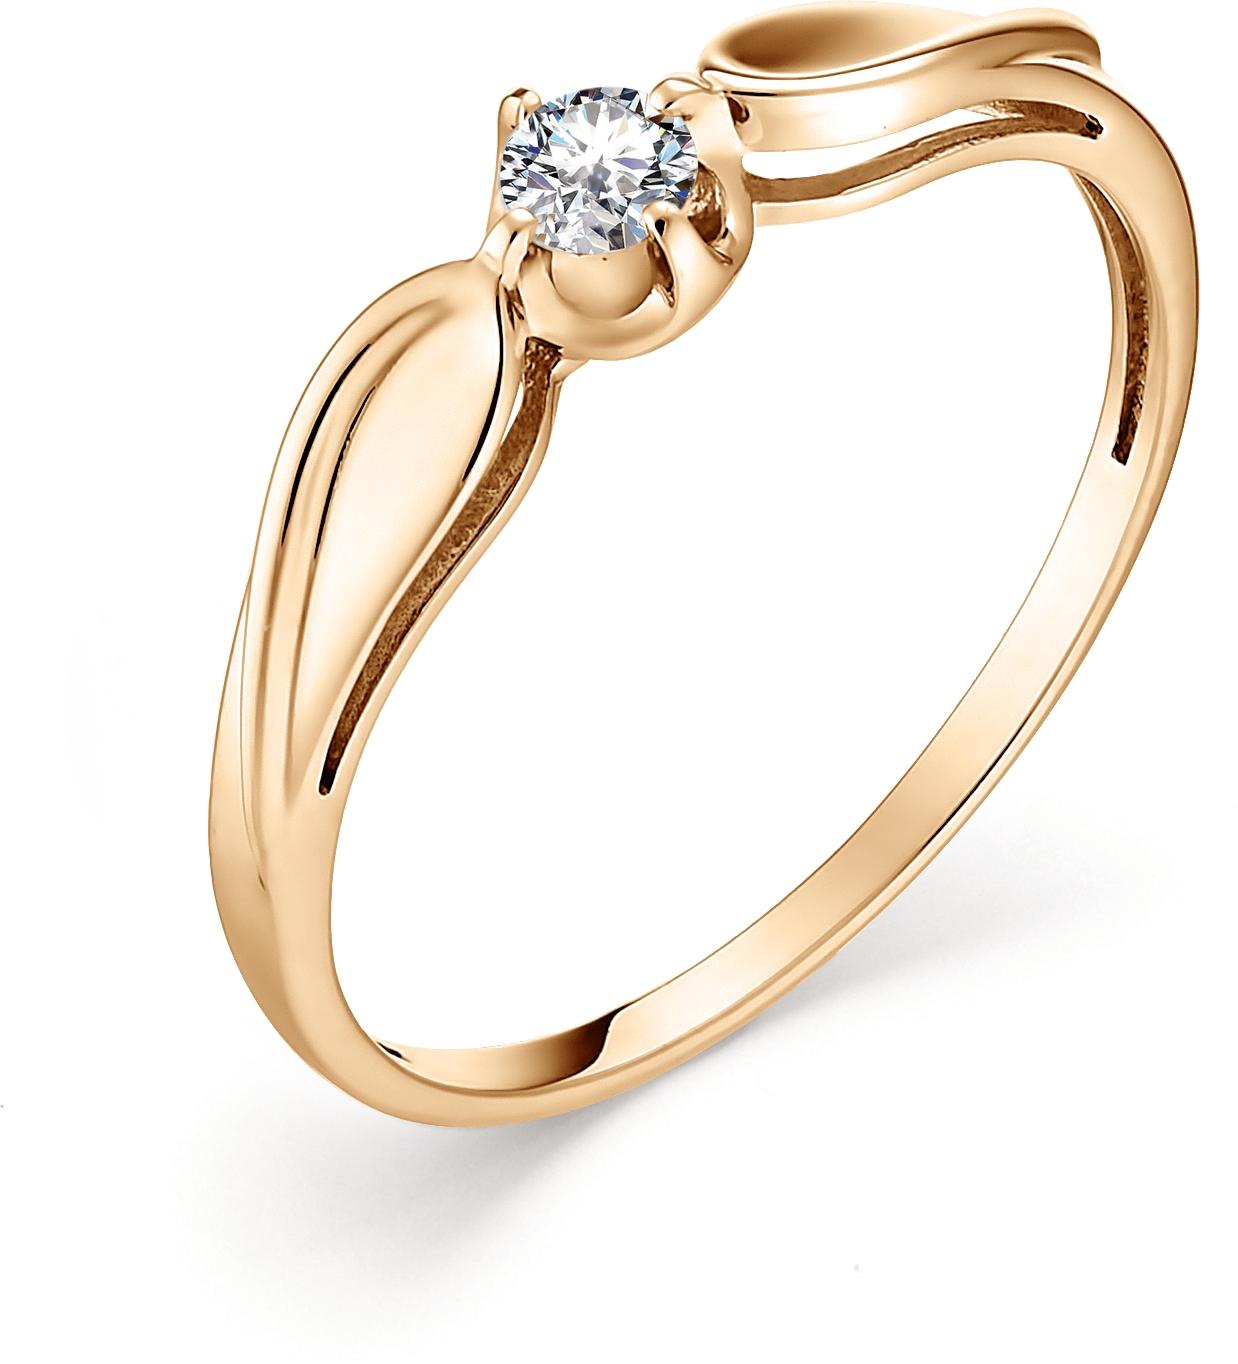 ff0fd545bd51 Гениальное кольцо с 14 бриллиантами, изумрудом из комбинированного ...